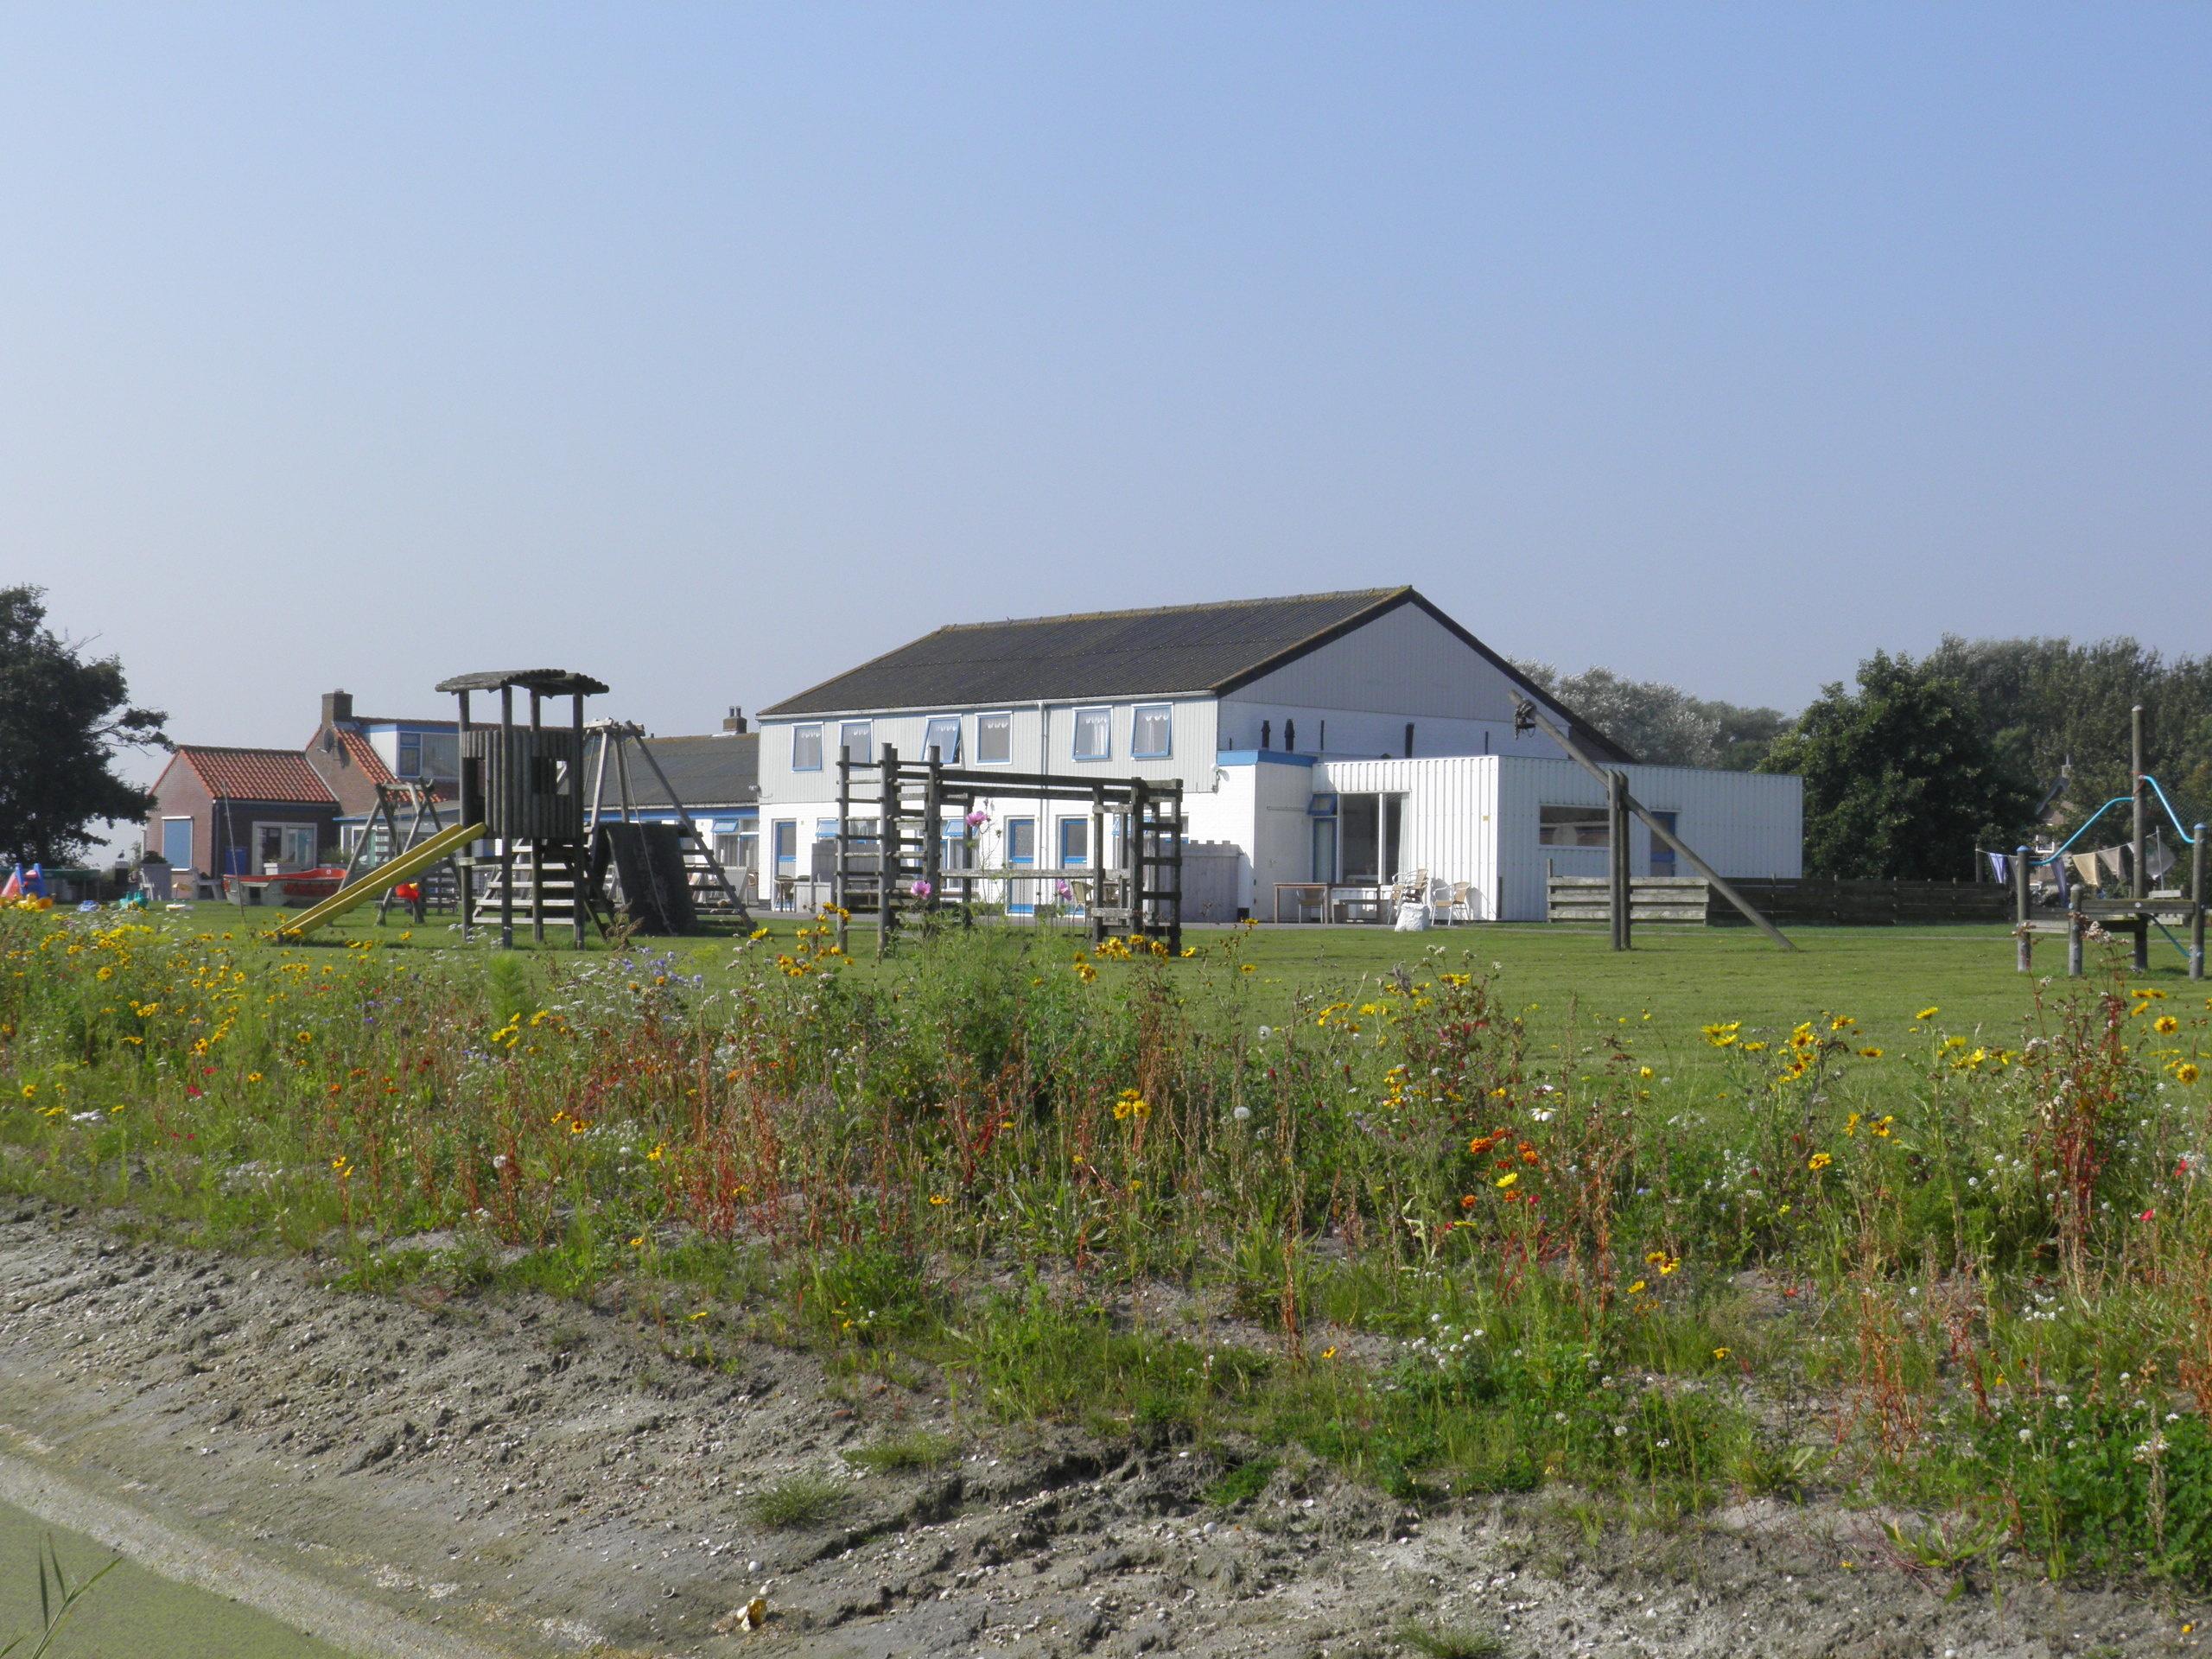 Blick auf das See-Feuchtgebiet Utopia in ländlicher Umgebung nahe dem Wattenmeer